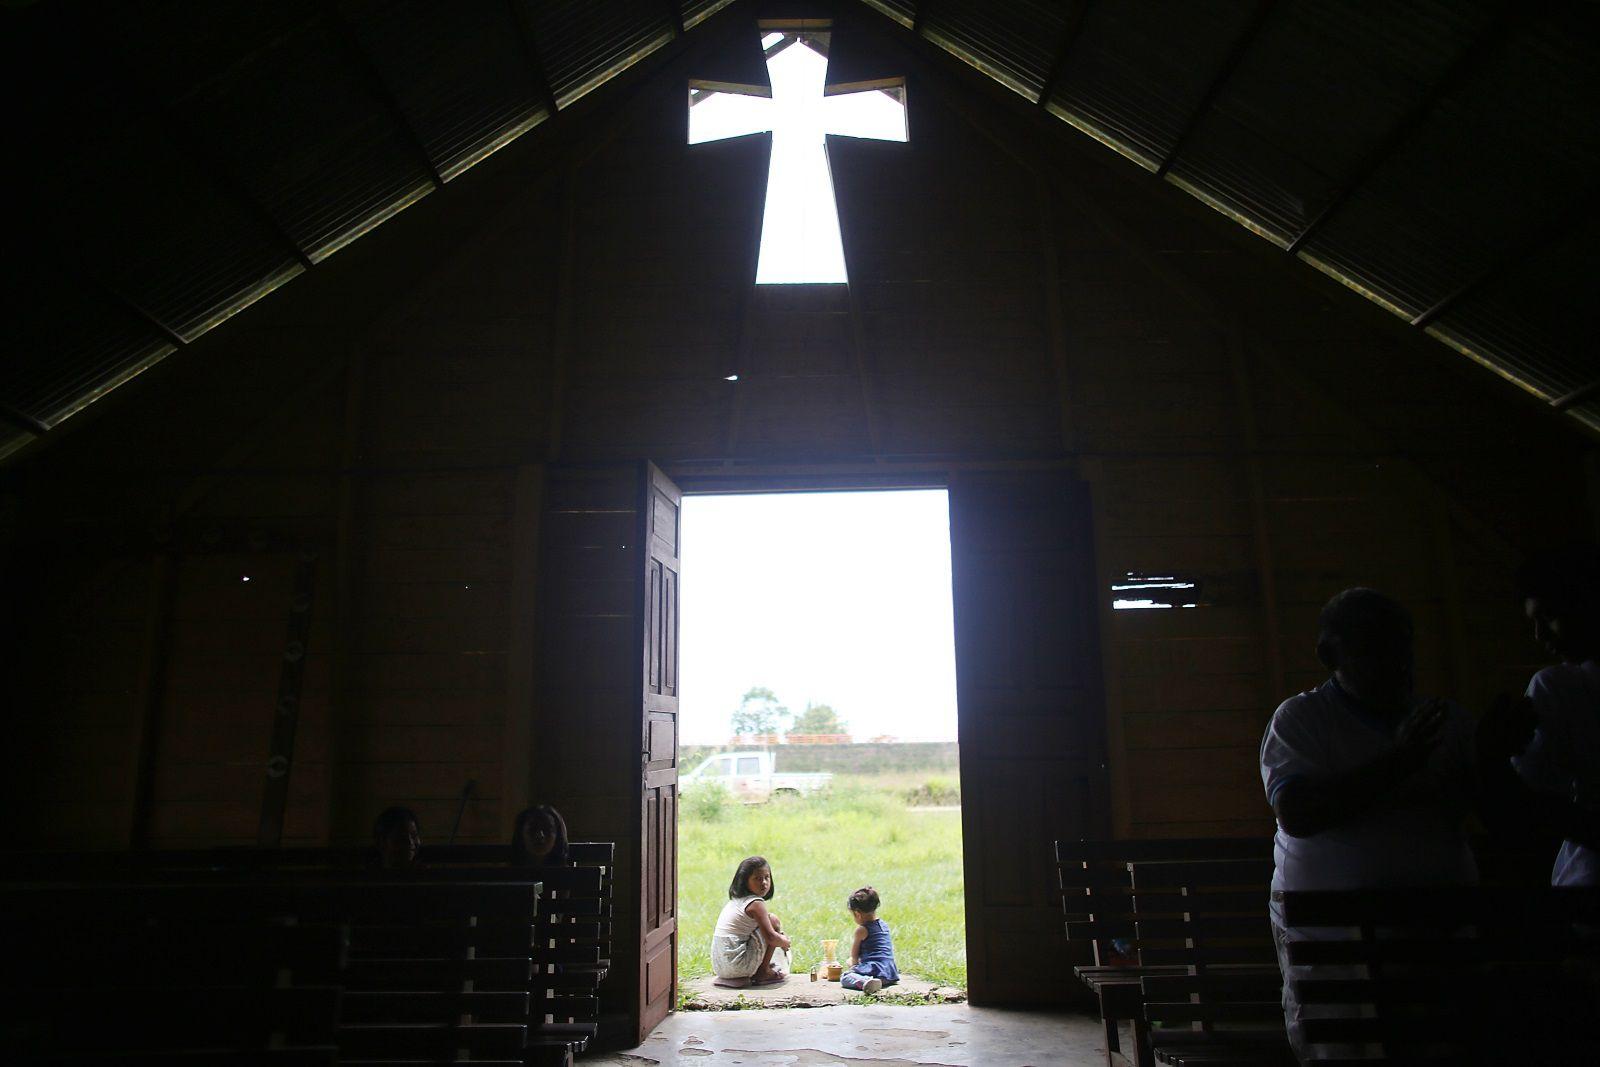 Church in the Madre de Dios region of Peru